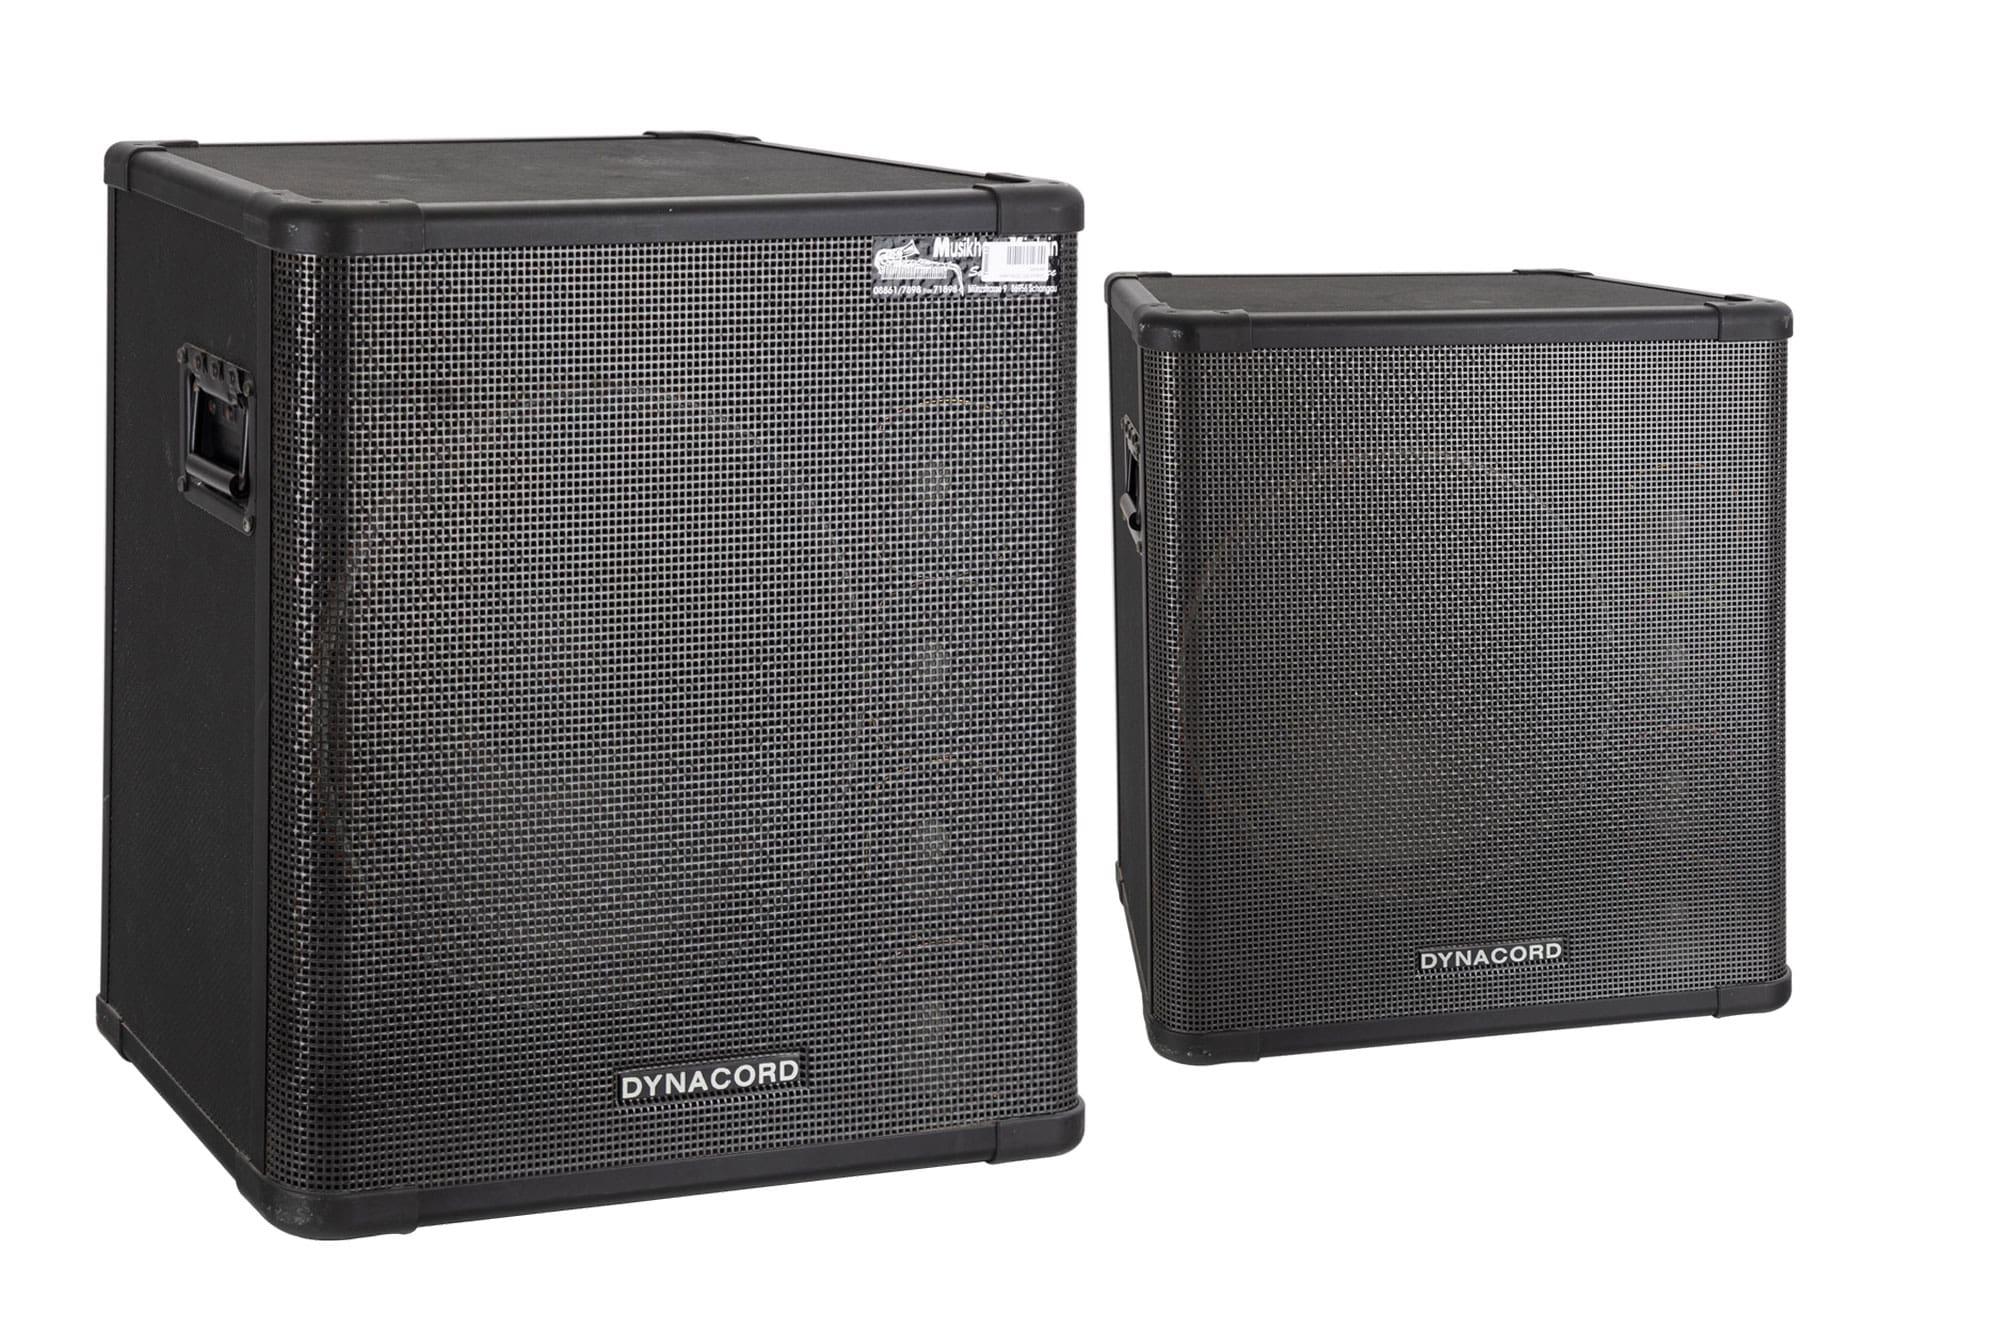 Paendstufen - 2x Dynacord SRX 150 Passivbox 400 800 Watt gebraucht - Onlineshop Musikhaus Kirstein